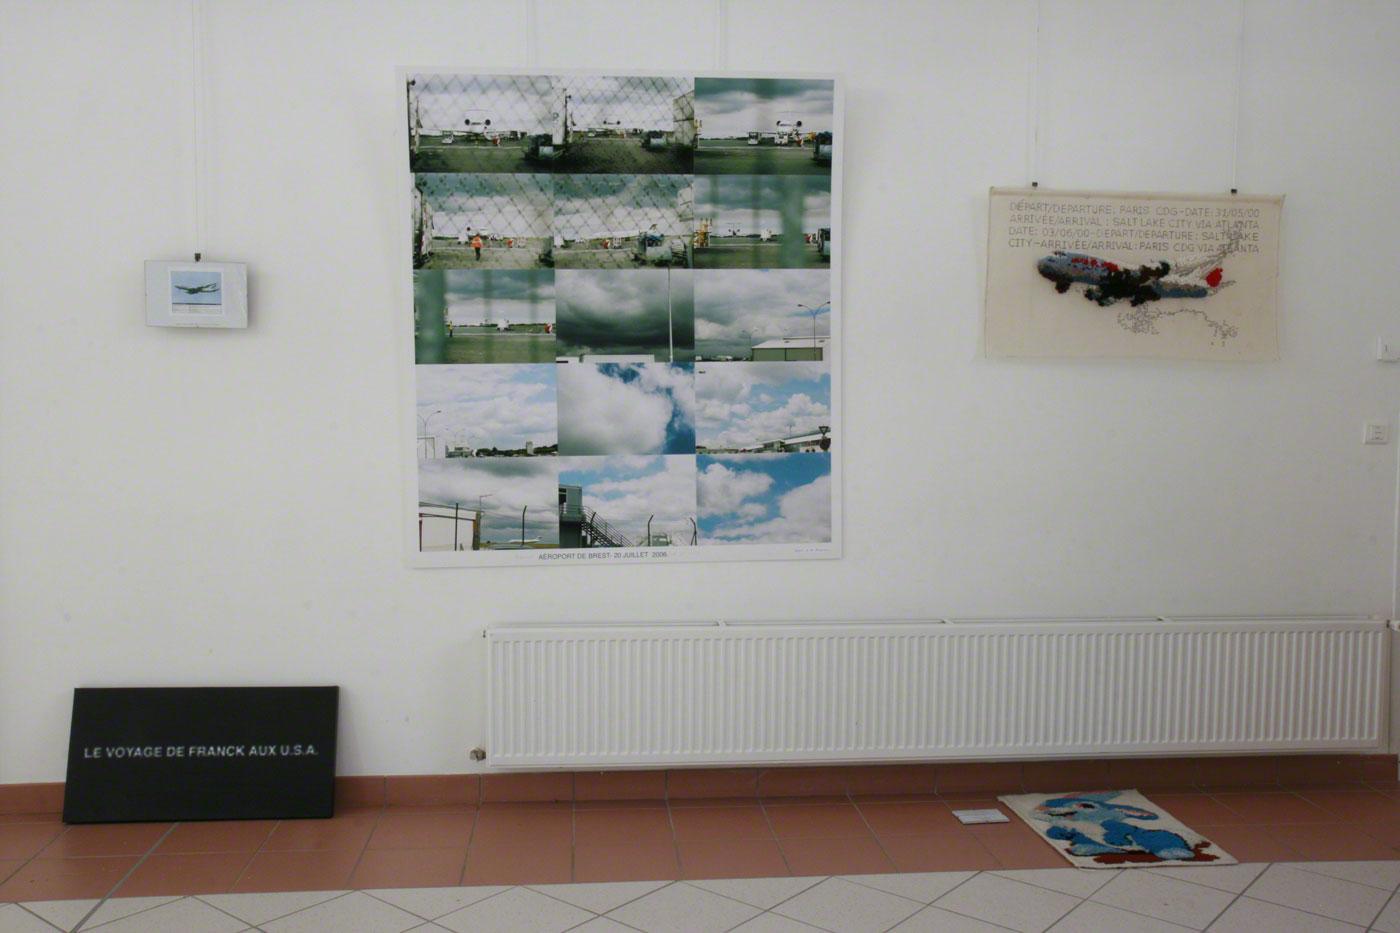 Le voyage de Franck aux U.S.A-Vue de l'exposition [Le maillot de bain américain], février 2011